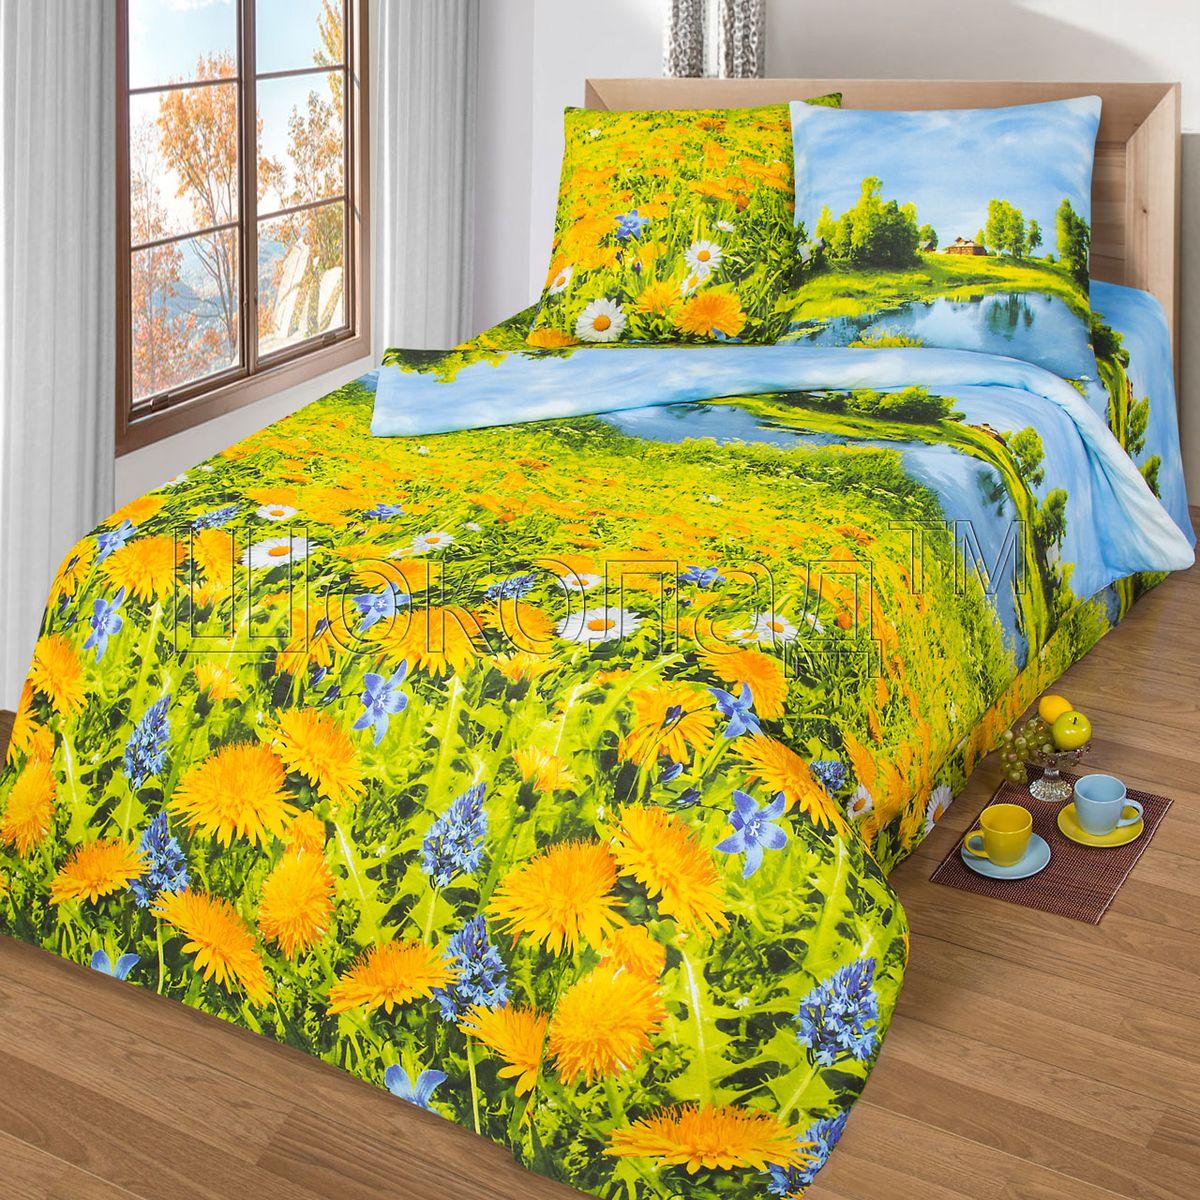 Комплект белья Шоколад Душистый луг, 2-спальный с простыней евро, наволочки 70x70. Б109Б109